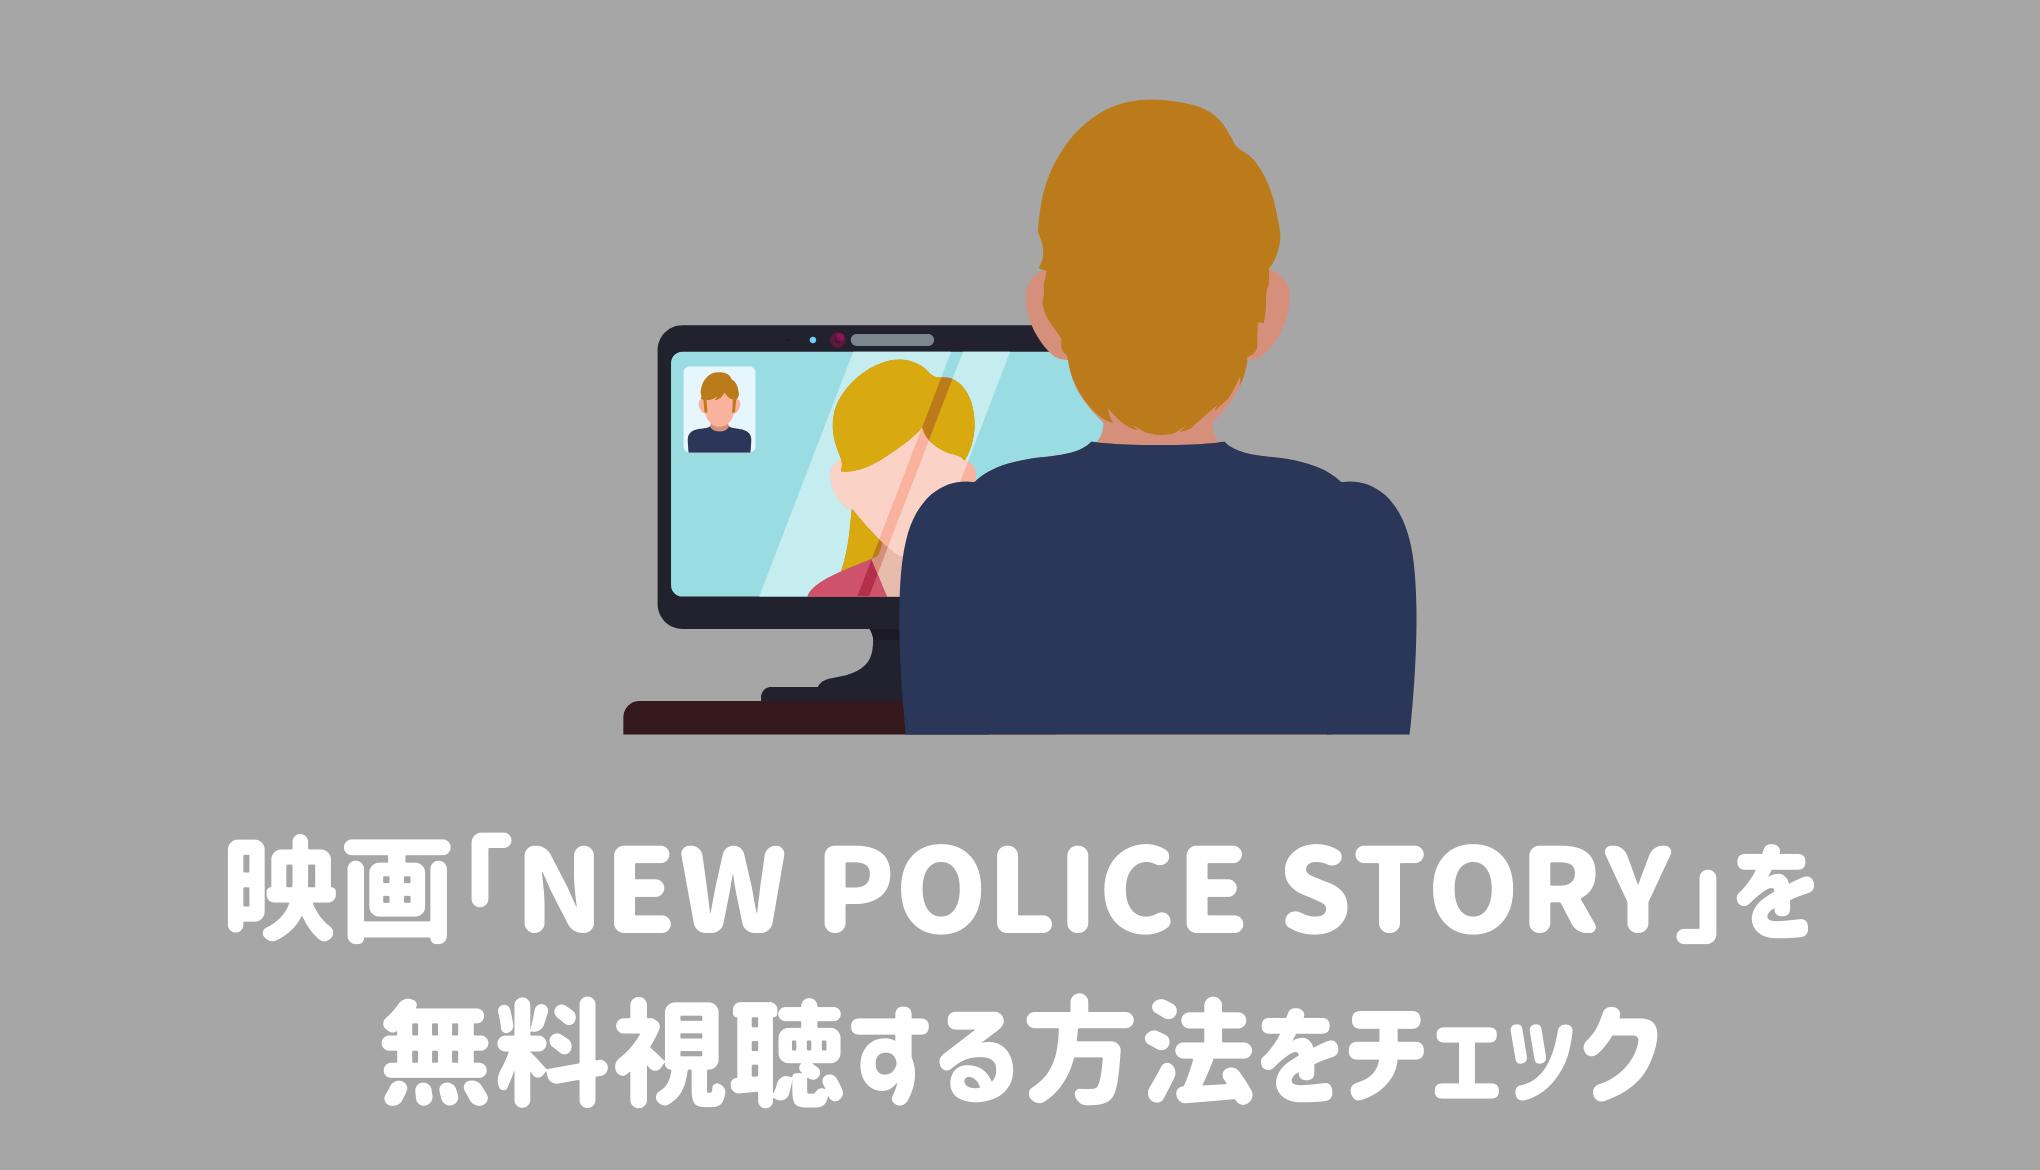 映画「香港国際警察/NEW POLICE STORY」を無料視聴する方法